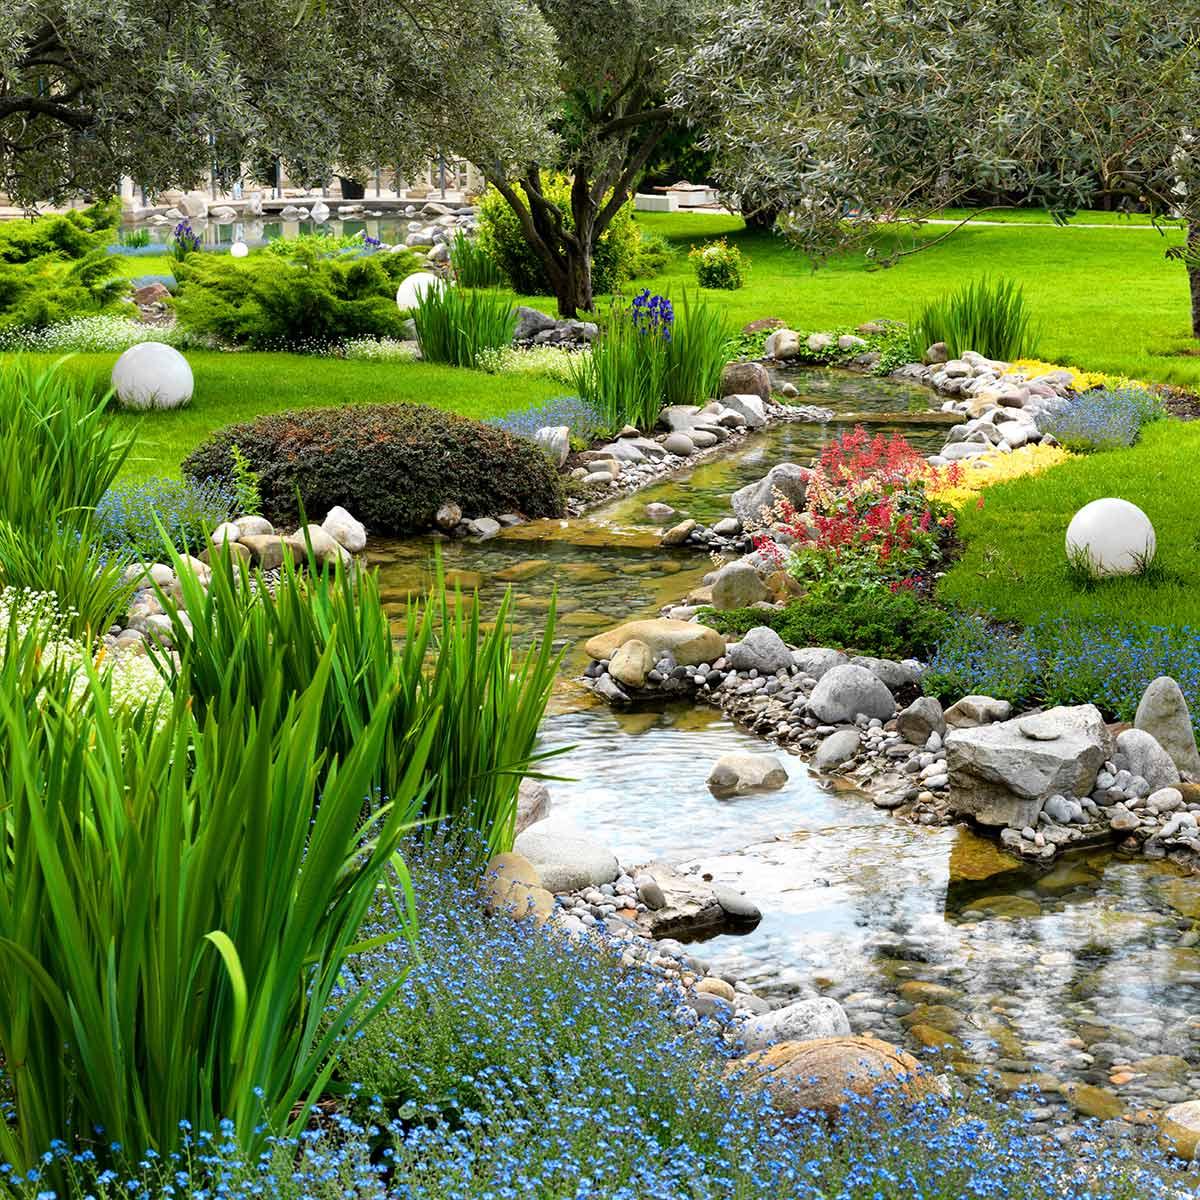 Szeroki strumień, wyłożony kamieniami i otoczakami płynący przez trawnik w ogrodzie w otoczeniu rabat kwiatowych